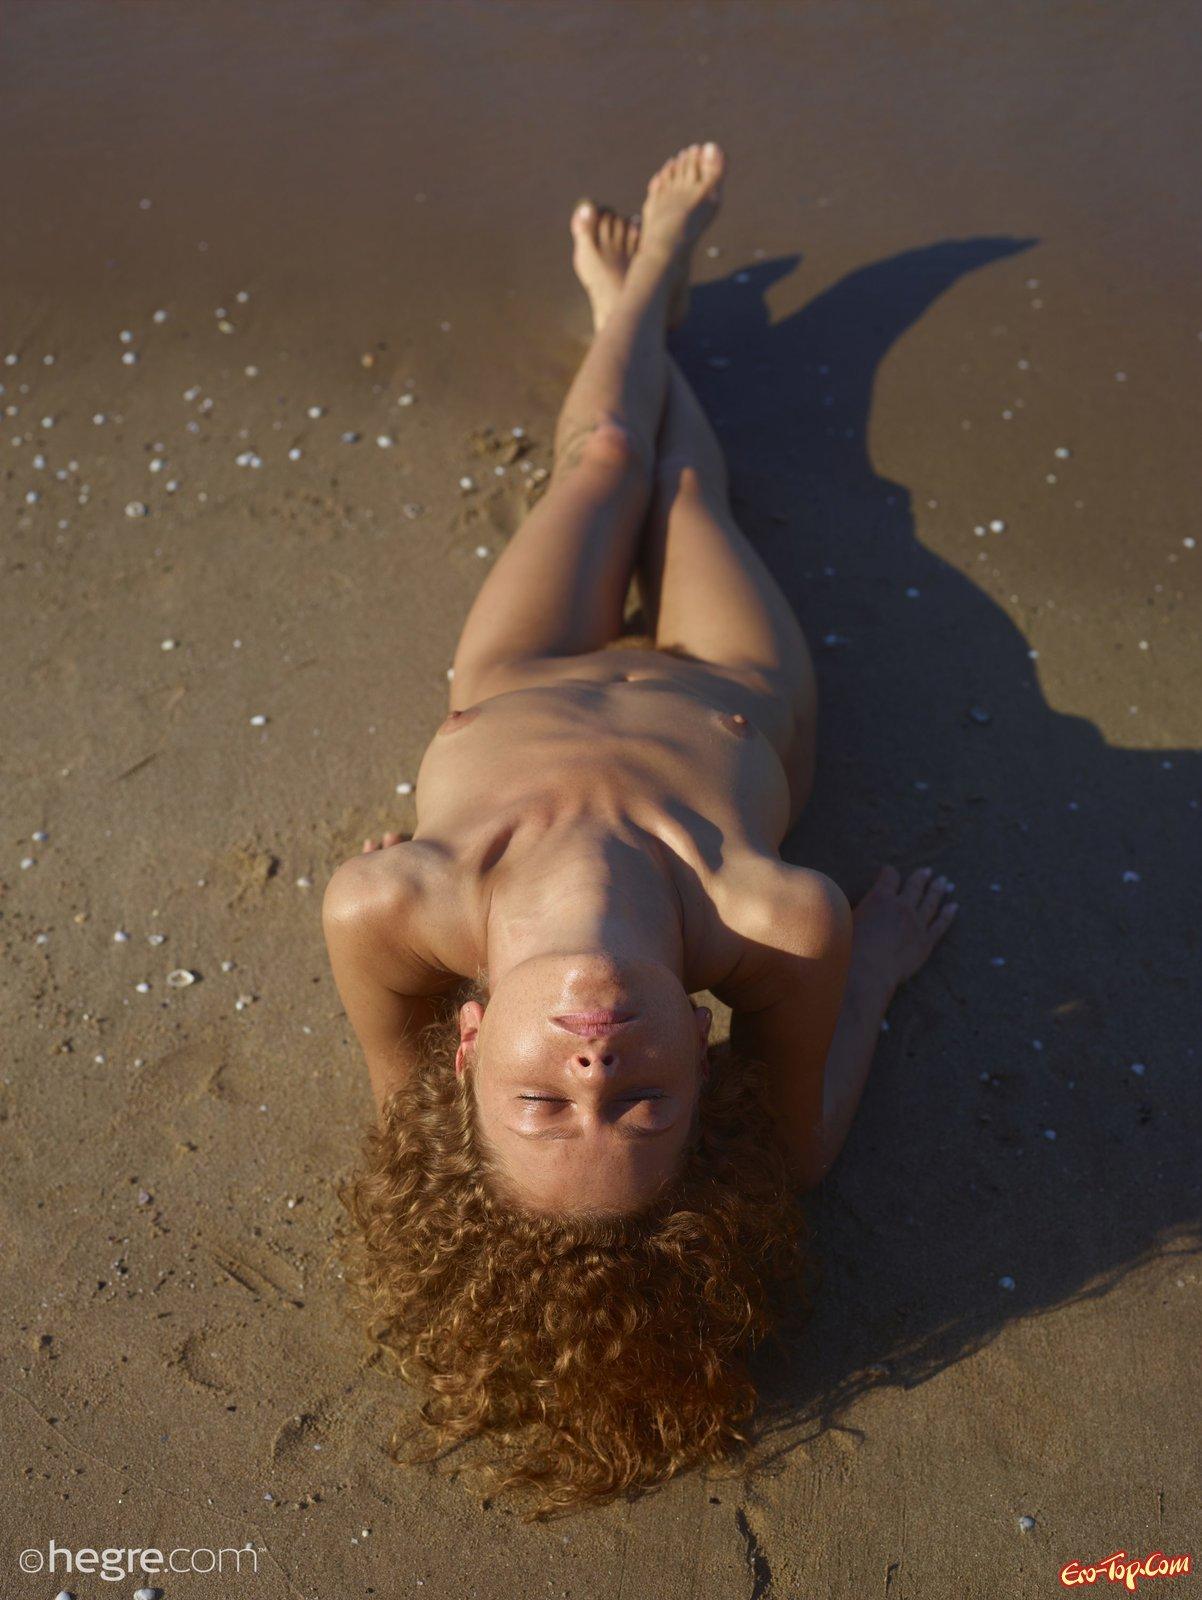 Туристка с лохматой вульвой снимается у моря смотреть эротику